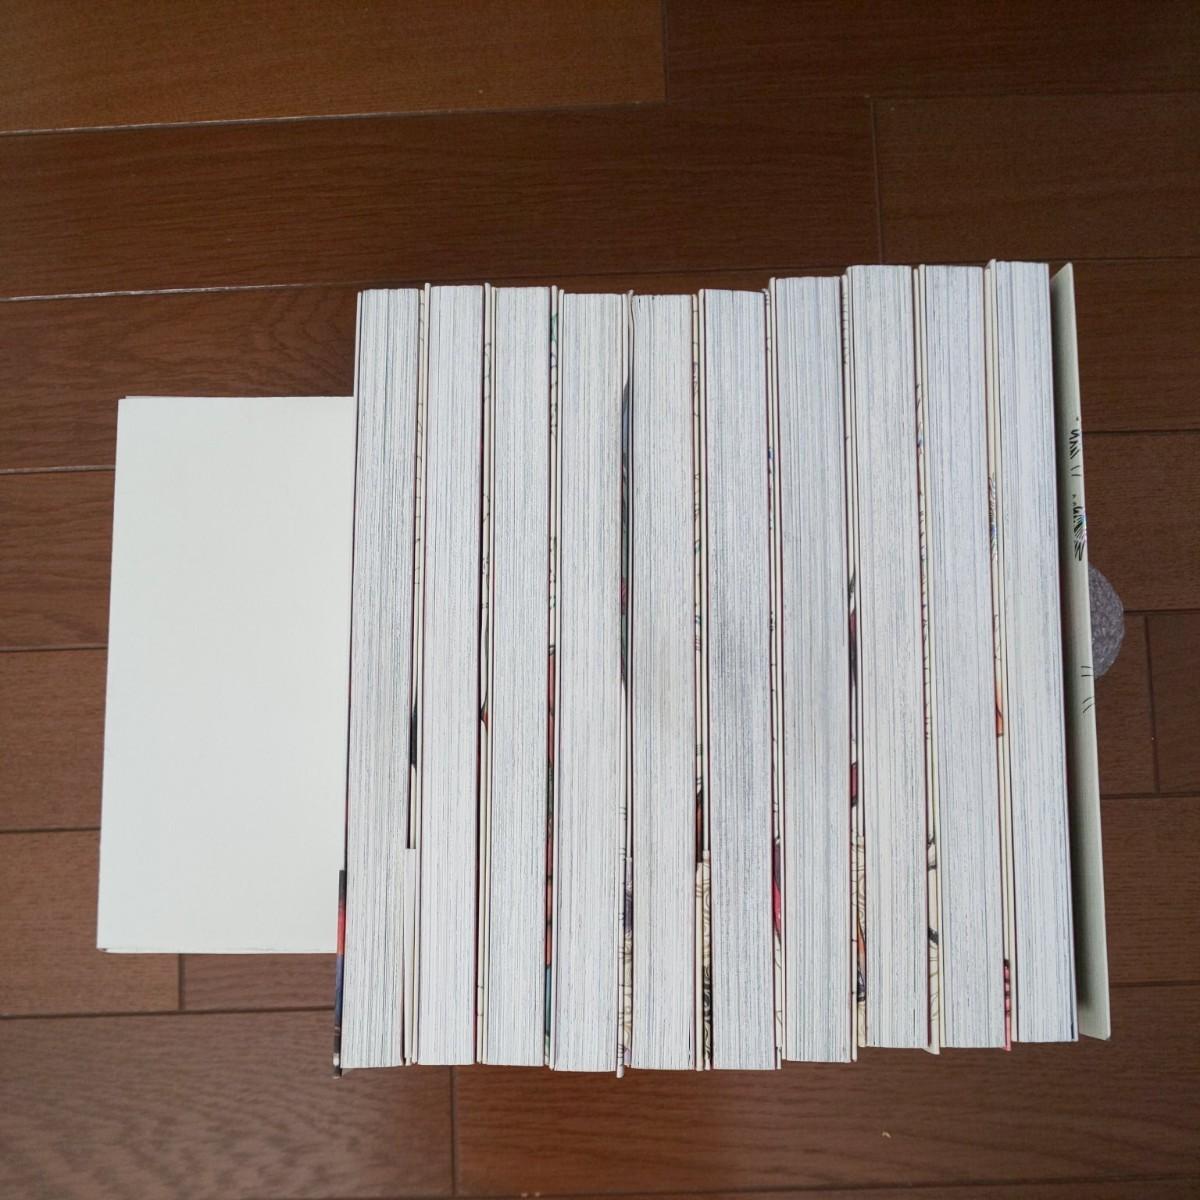 るろうに剣心‐明治剣客浪漫譚 1~10巻